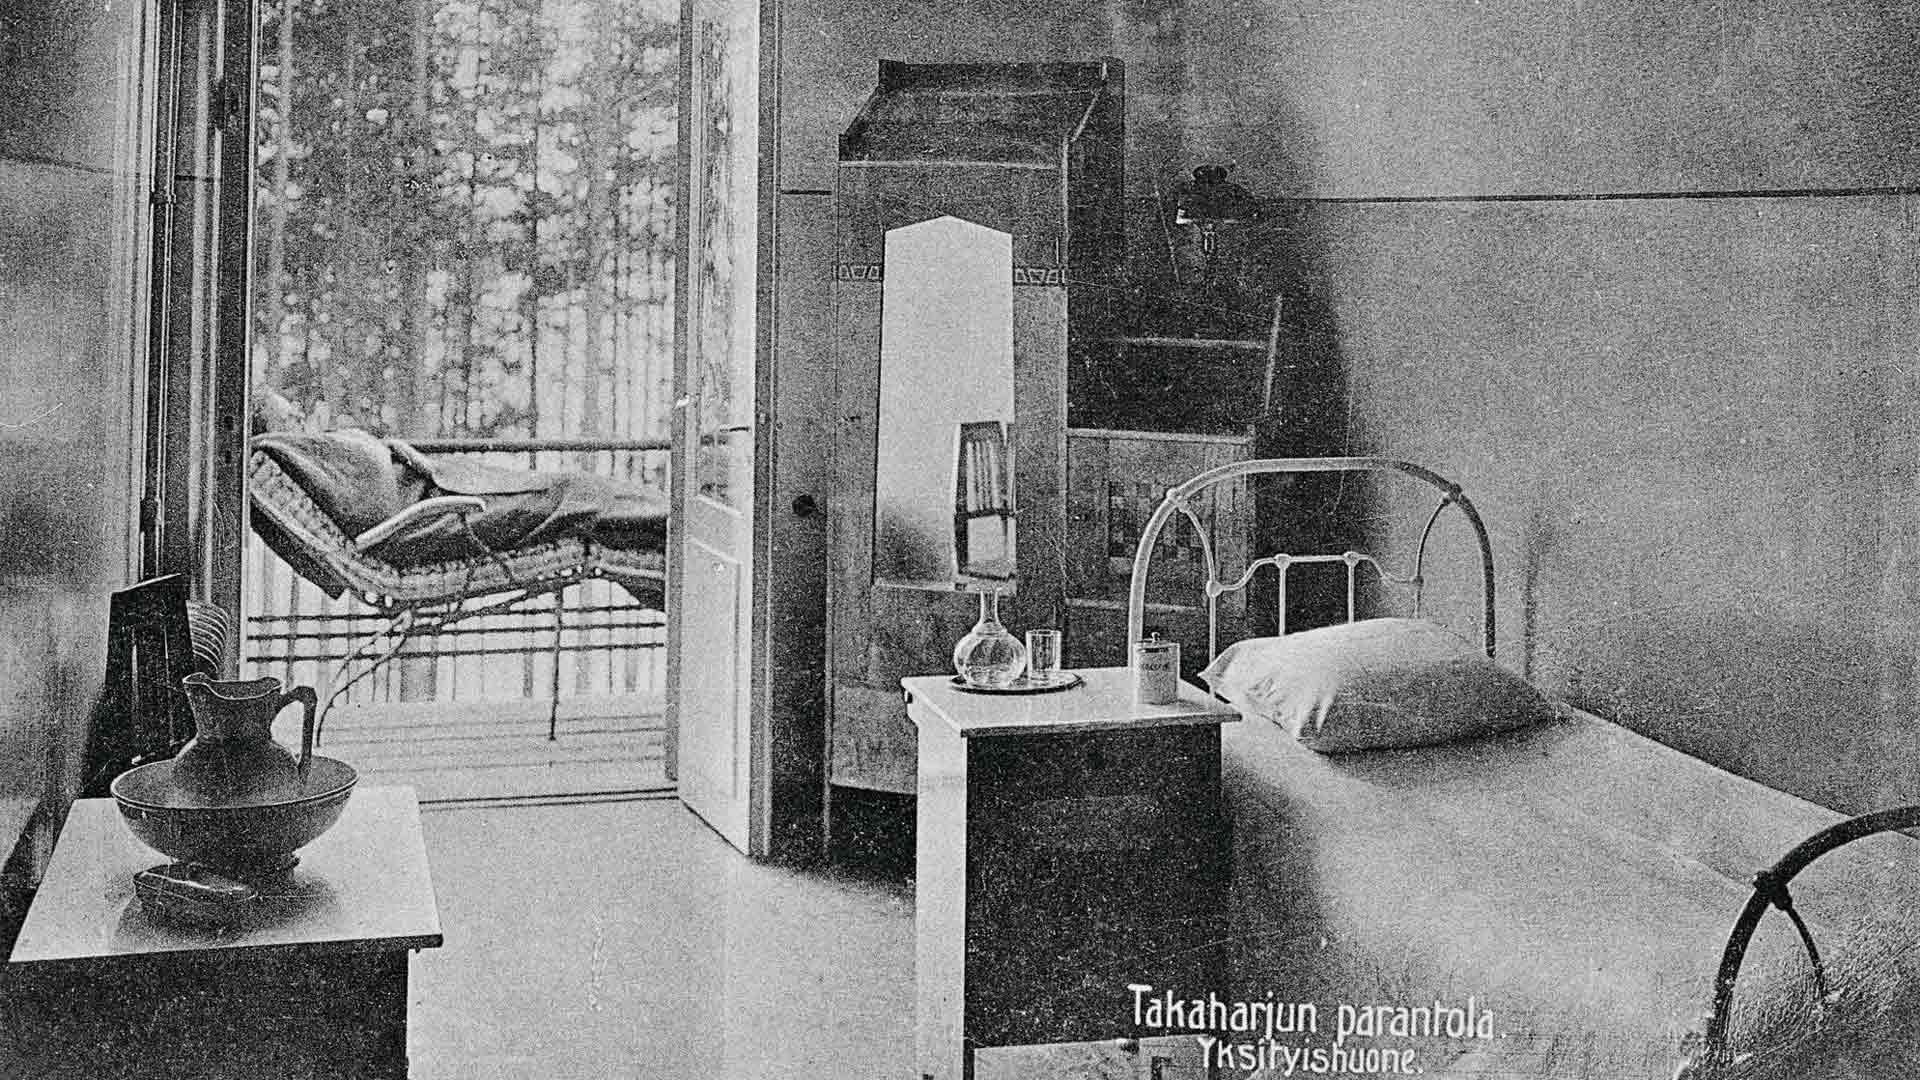 Yksityishuone 1900-luvun alusta. Kerrotaan, että tässä huoneessa asui latvialainen kirjailija Rudolfs Blaumanis. Hän kuoli Takaharjun parantolassa vuonna 1908.